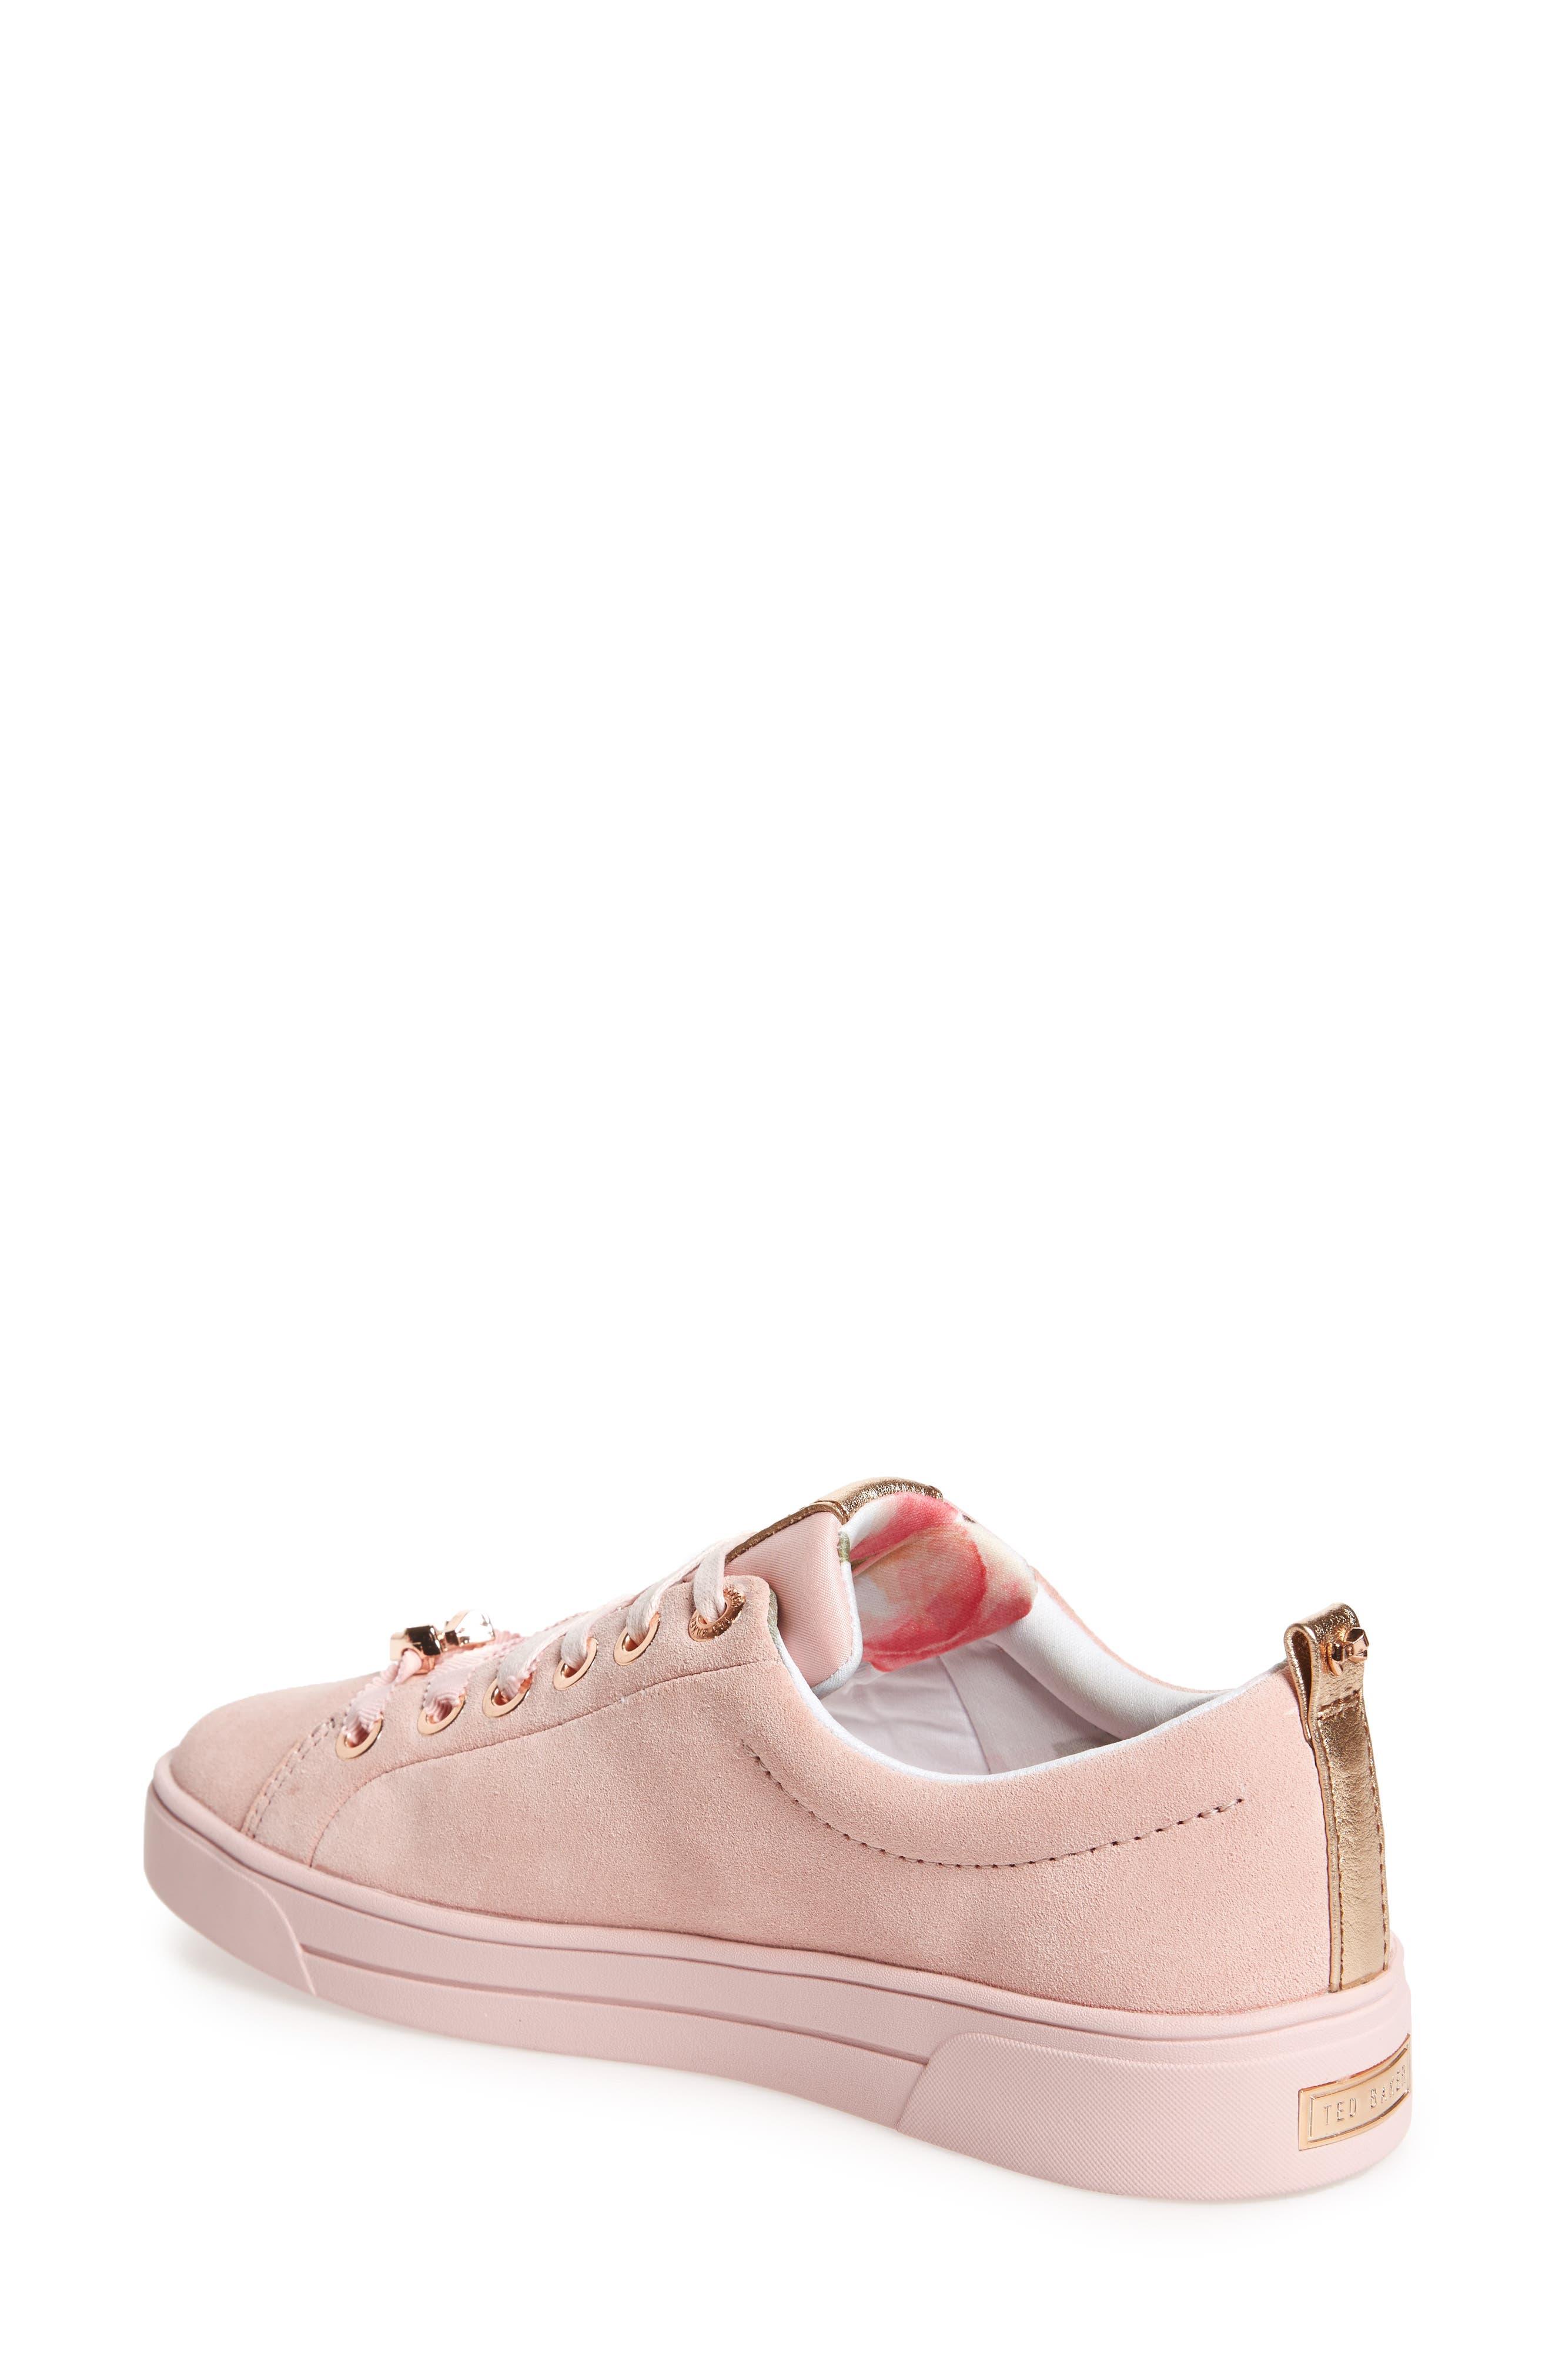 Kelleip Sneaker,                             Alternate thumbnail 2, color,                             Mink Pink Suede